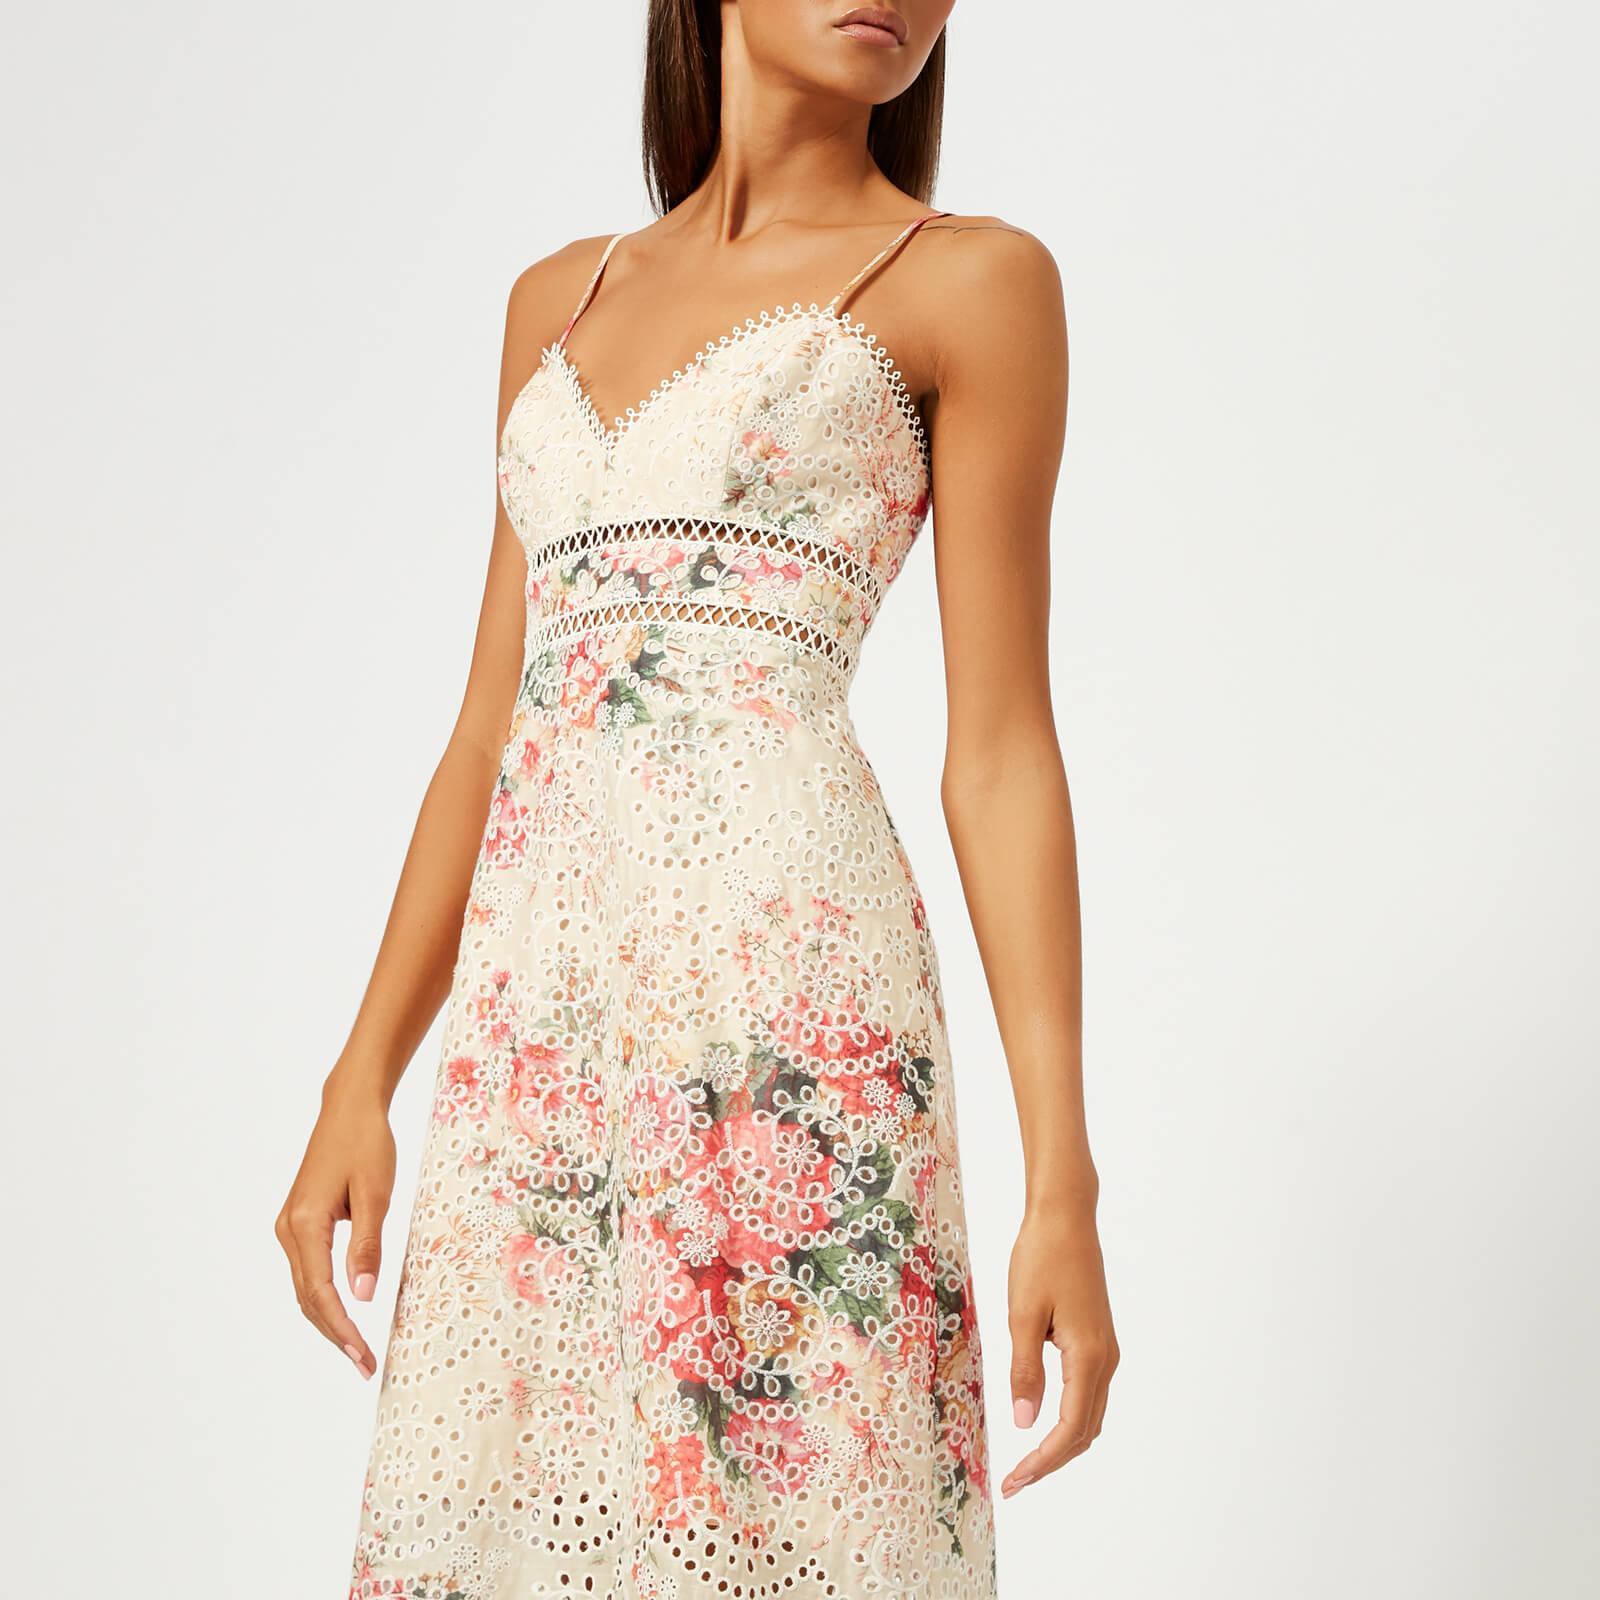 344308d331ea74 Zimmermann - Multicolor Laelia Diamond Bralette Dress - Lyst. View  fullscreen